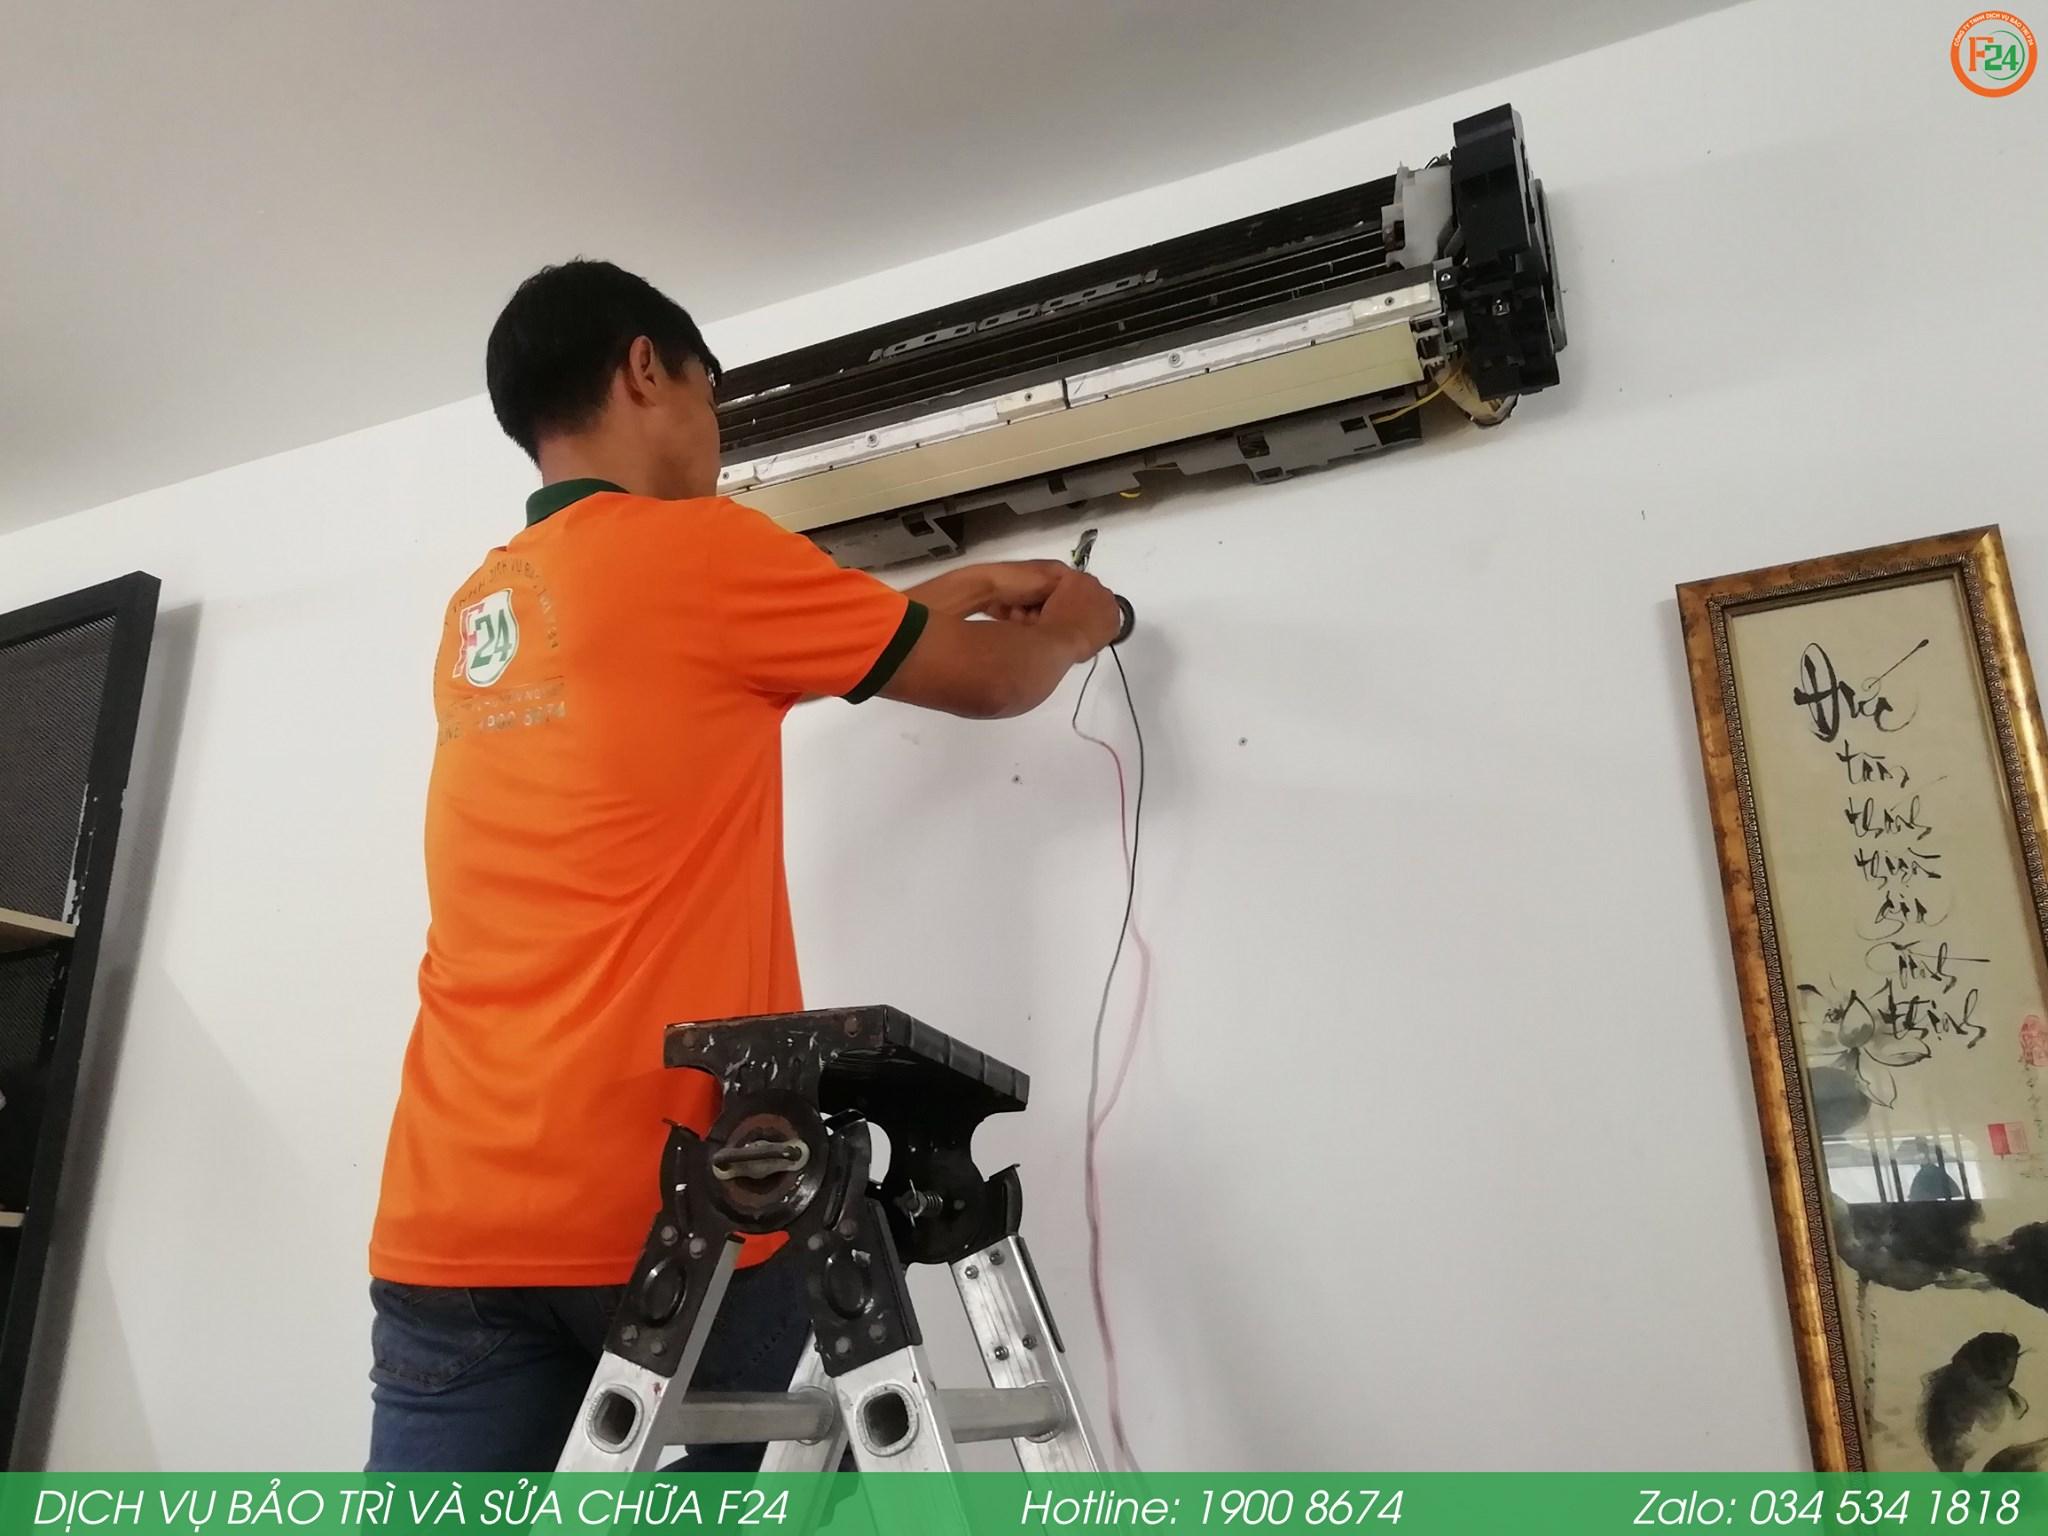 Lắp Đặt Máy Lạnh Quận 1 TpHCM | Nhanh Chóng & Chuyên Nghiệp